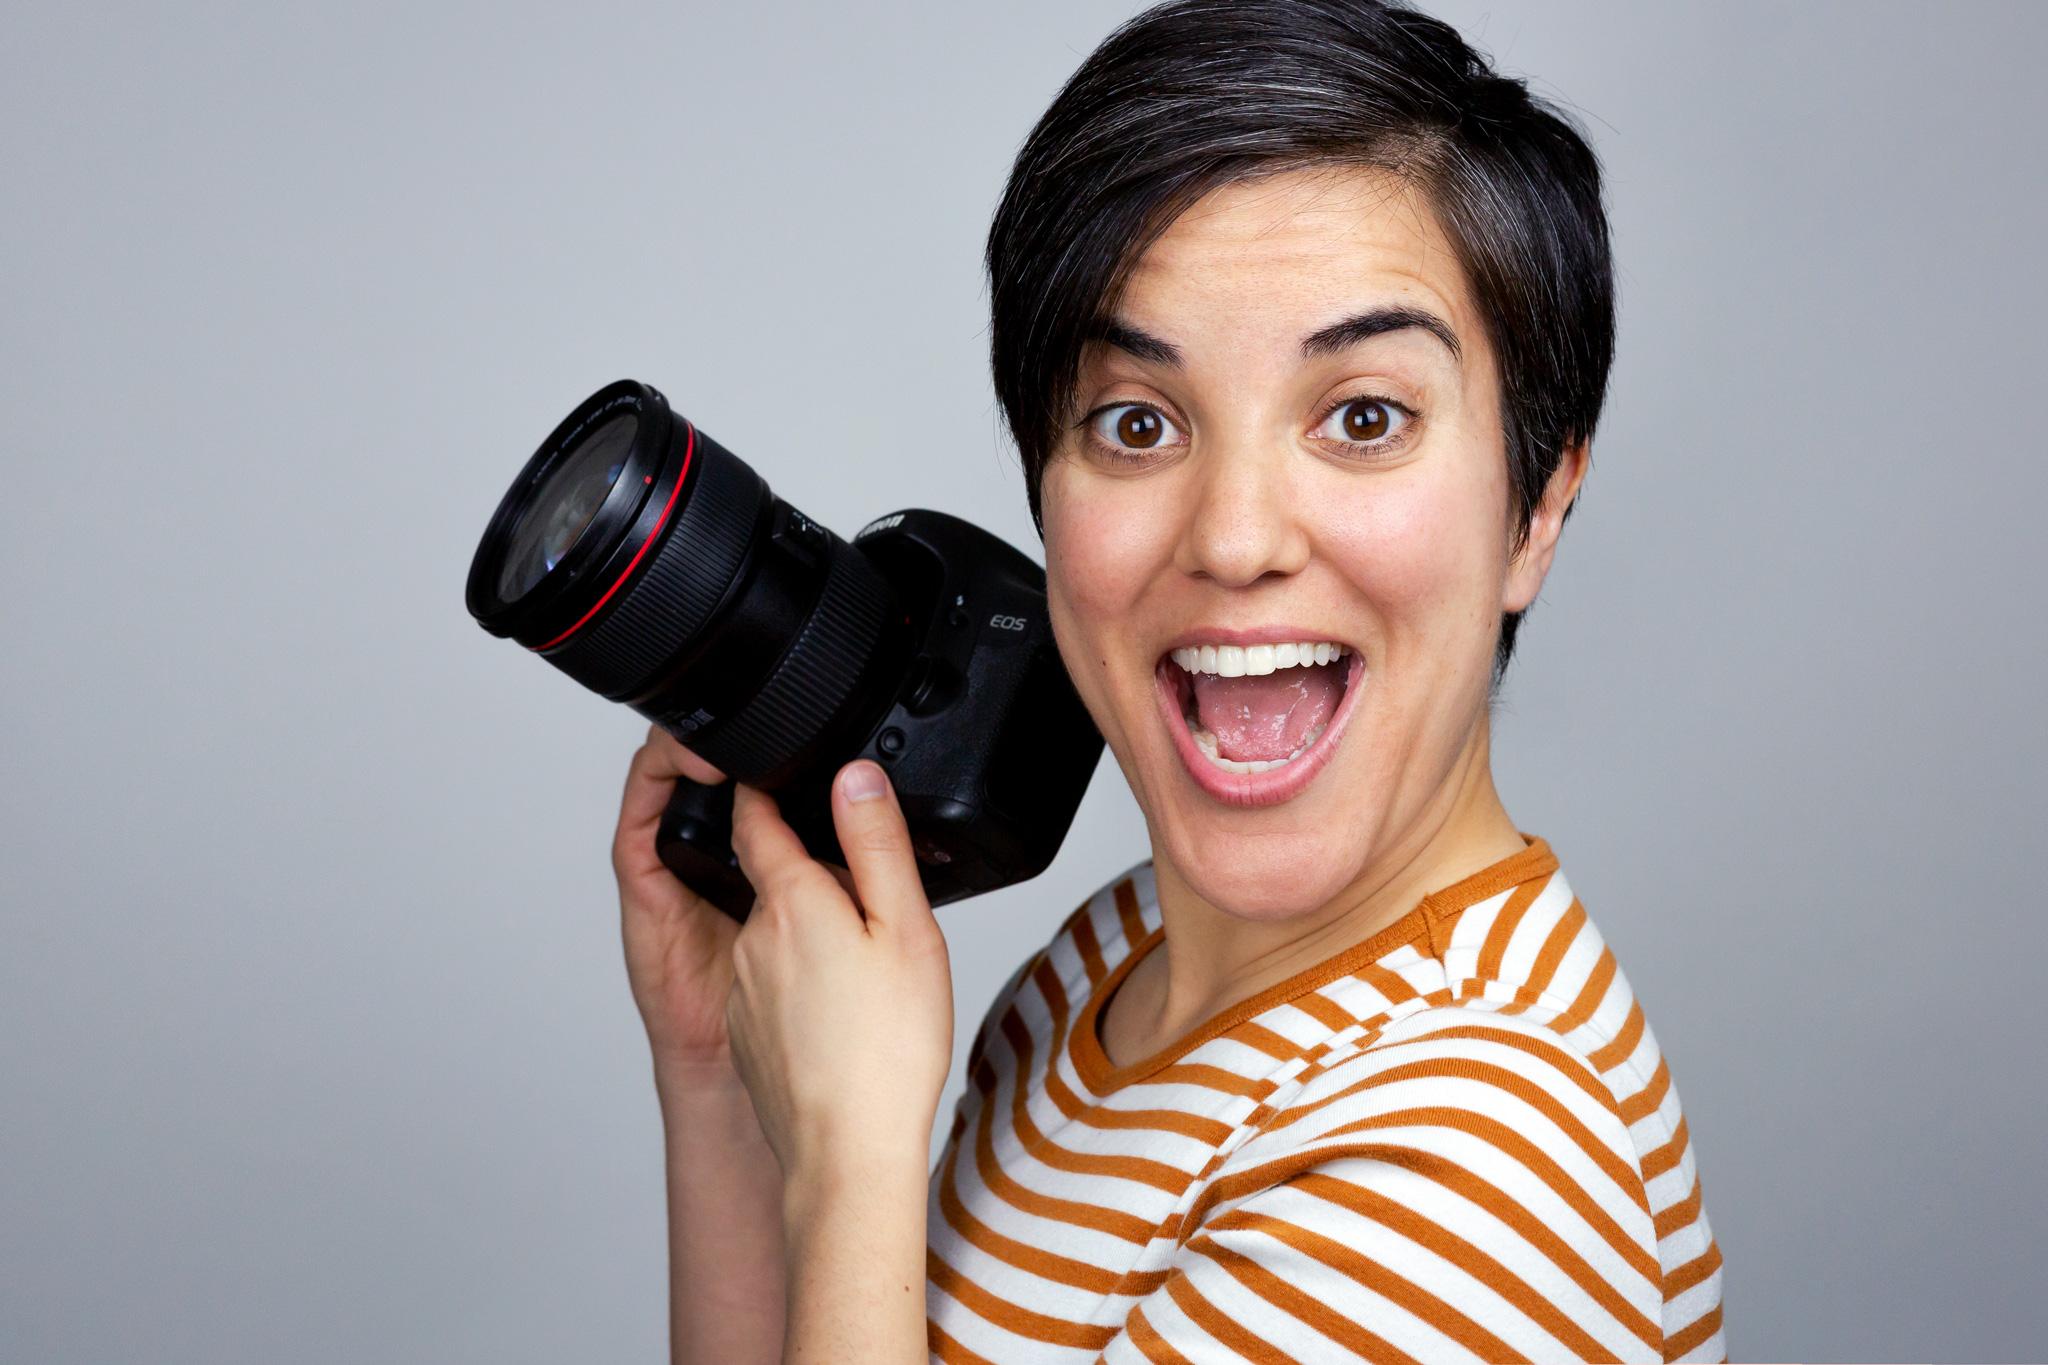 AlexisBuatti-Ramos_HyphenPhotography_Web.jpg